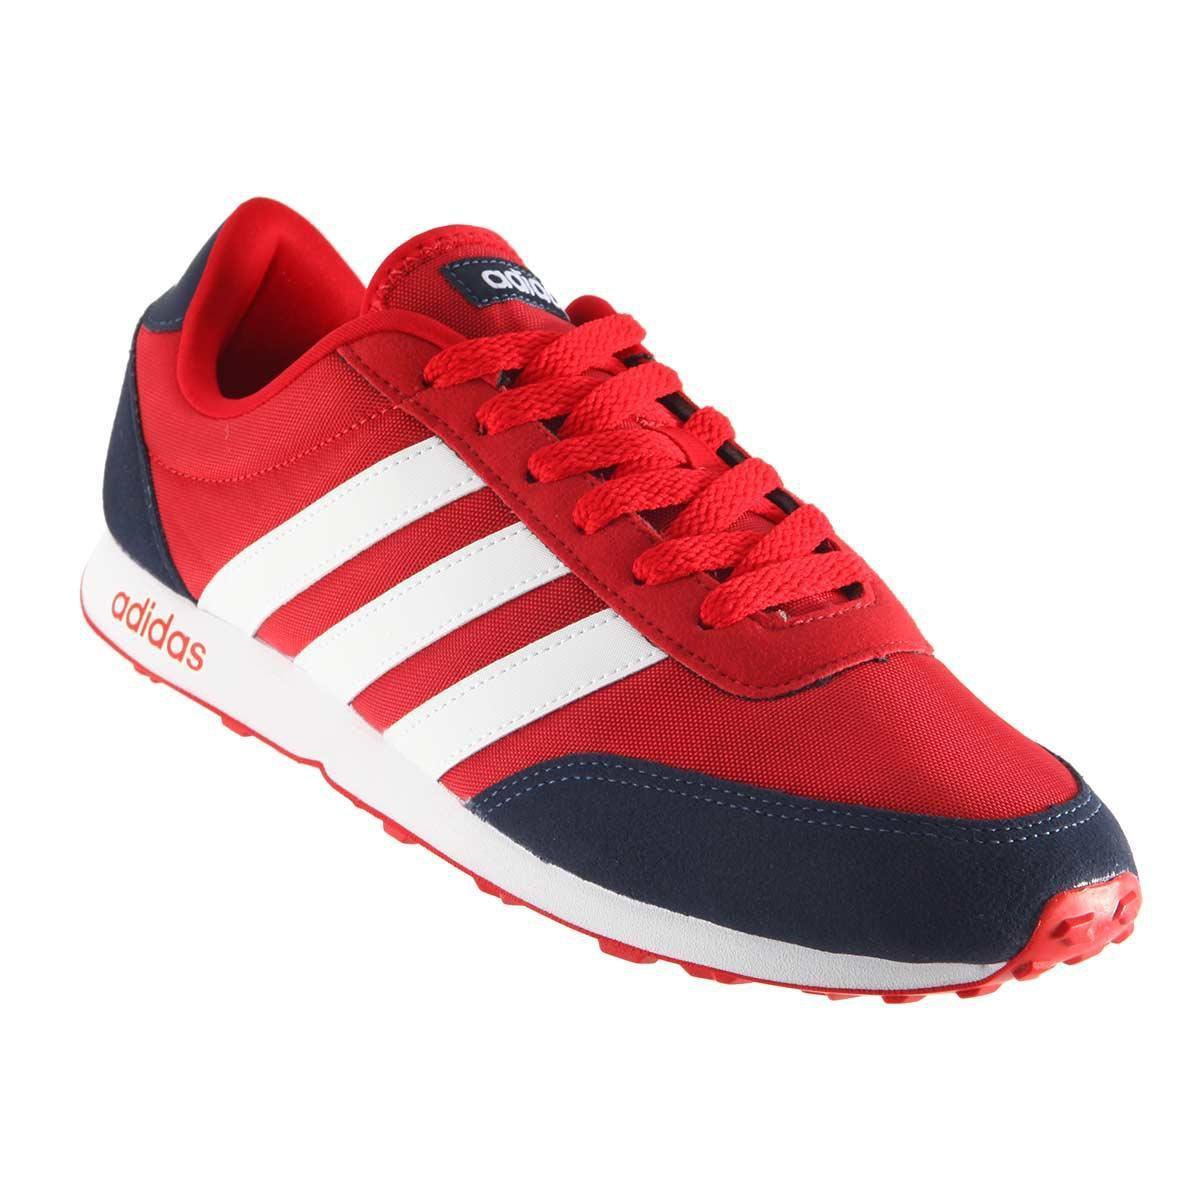 53c803eadf Tênis Adidas V Racer Jogging - Compre Agora